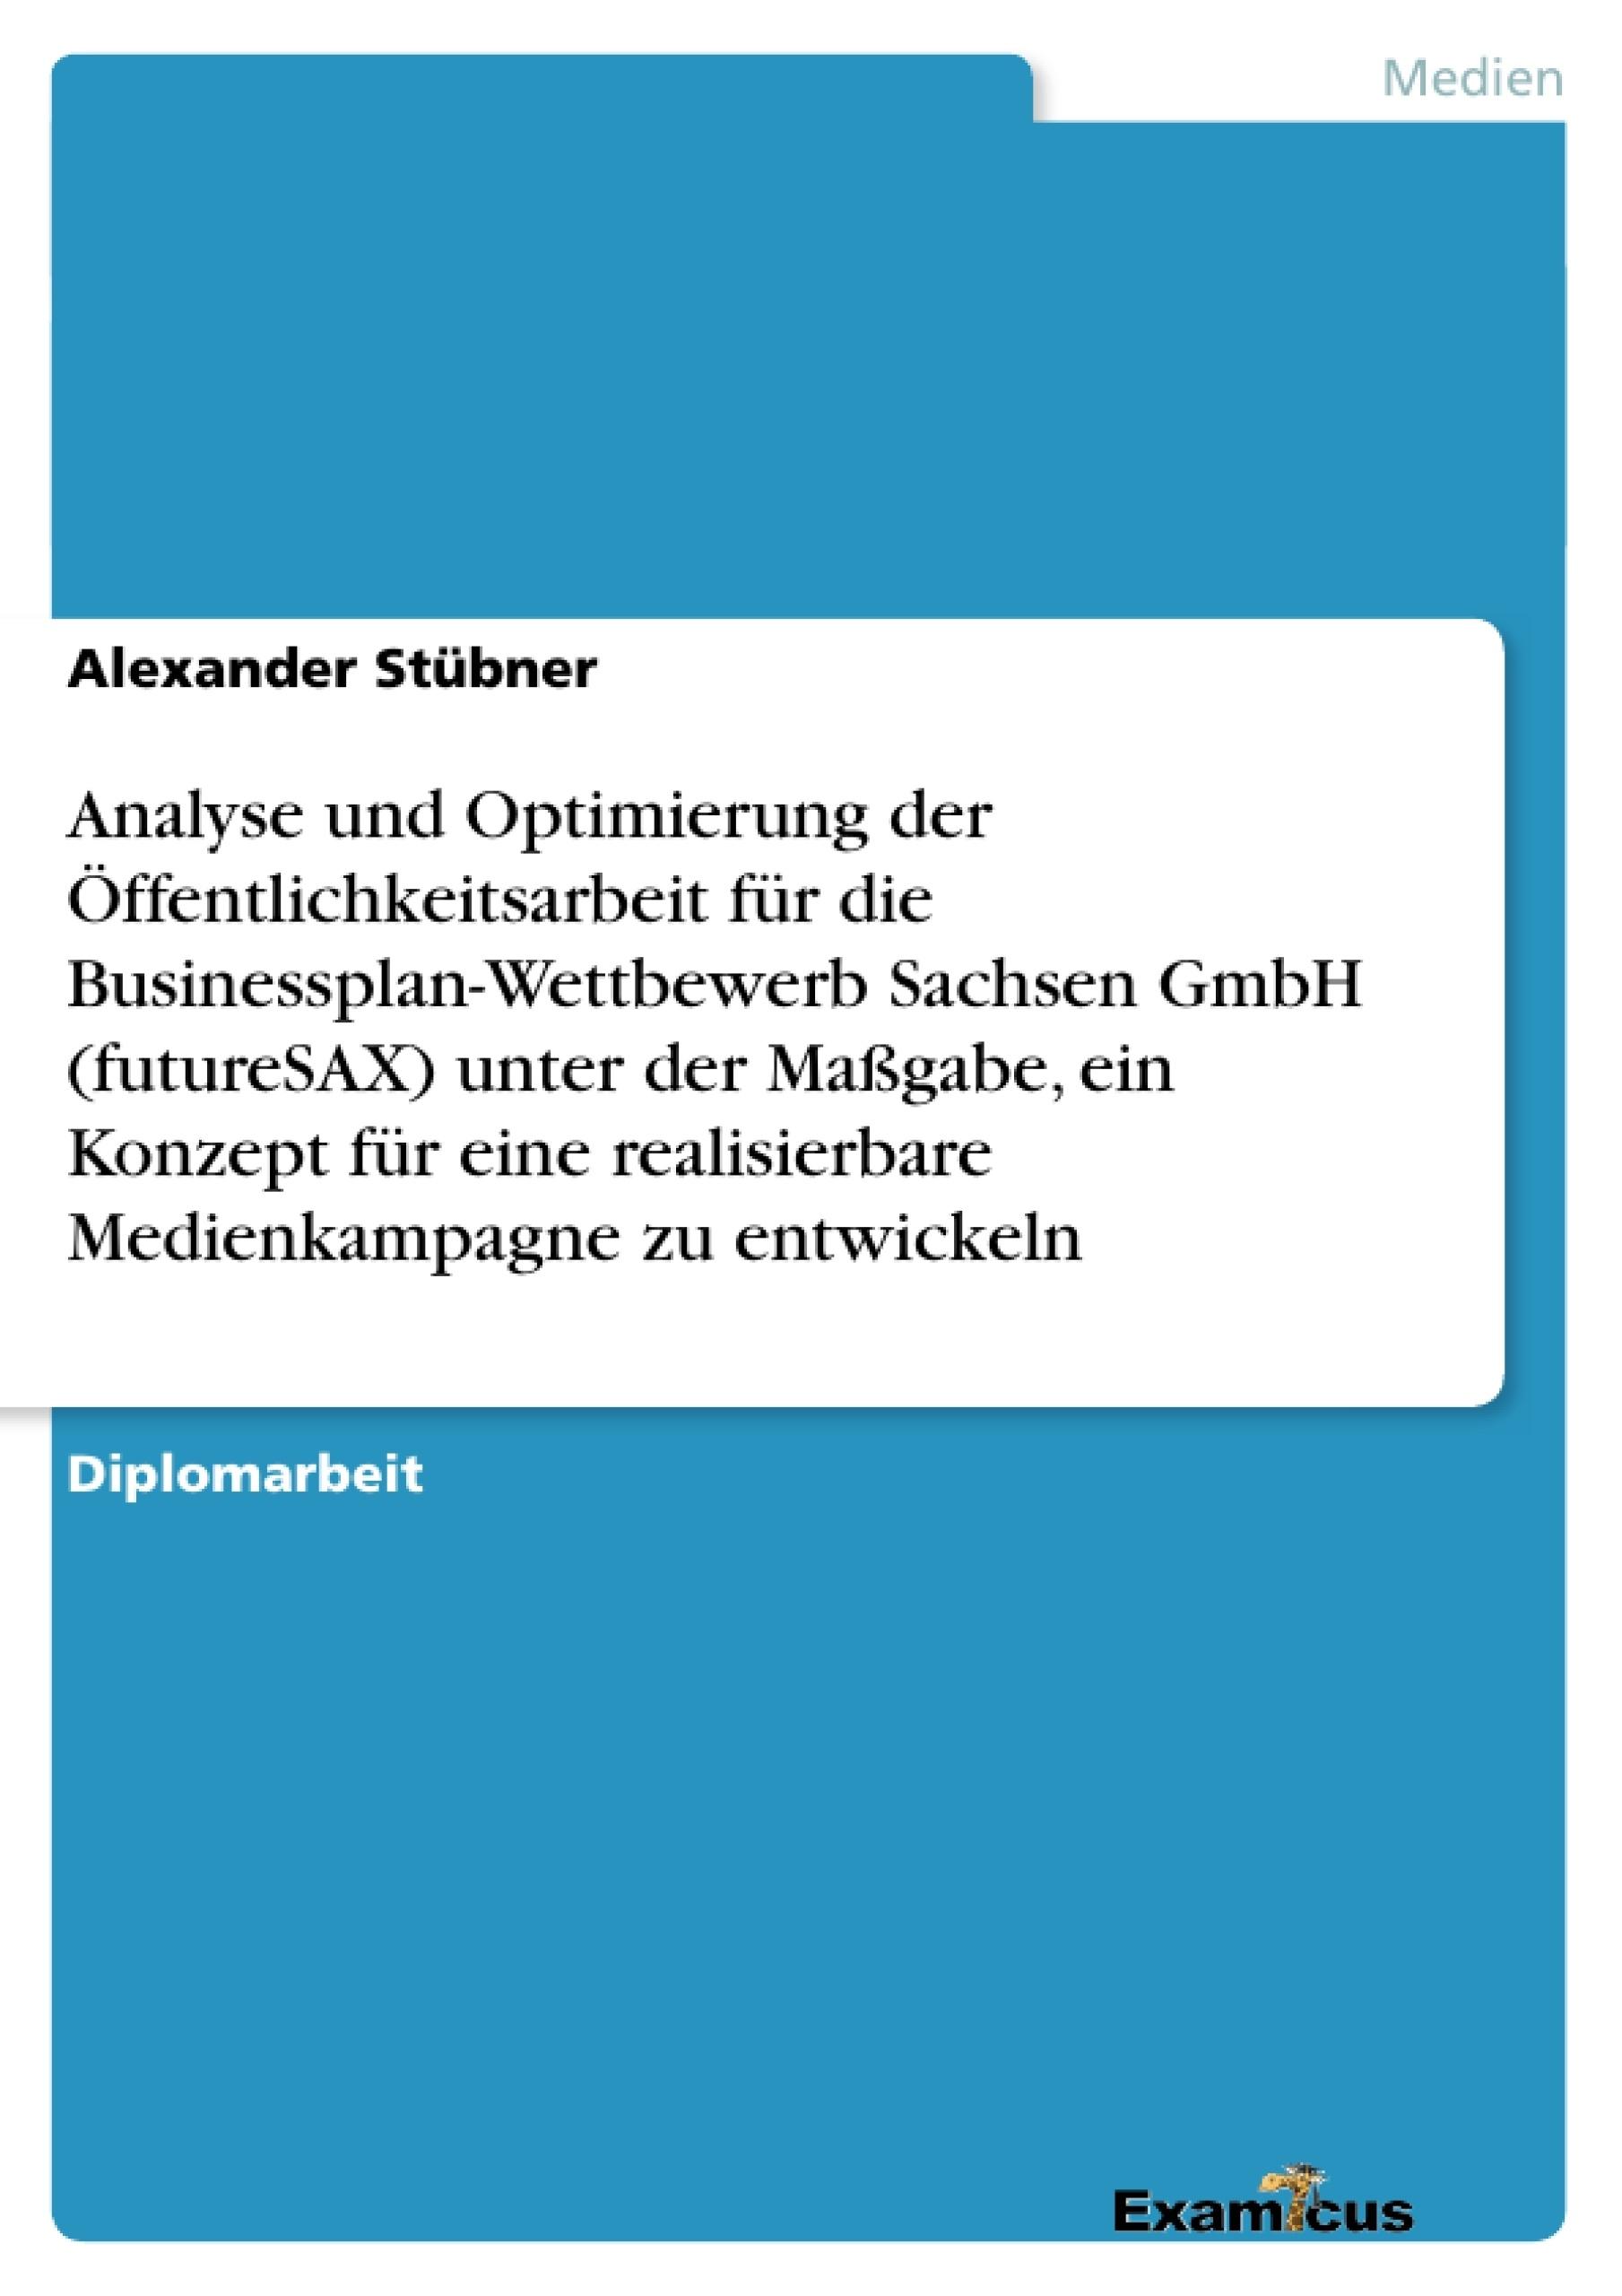 Titel: Analyse und Optimierung der Öffentlichkeitsarbeit für die Businessplan-Wettbewerb Sachsen GmbH (futureSAX) unter der Maßgabe, ein Konzept für eine realisierbare Medienkampagne zu entwickeln